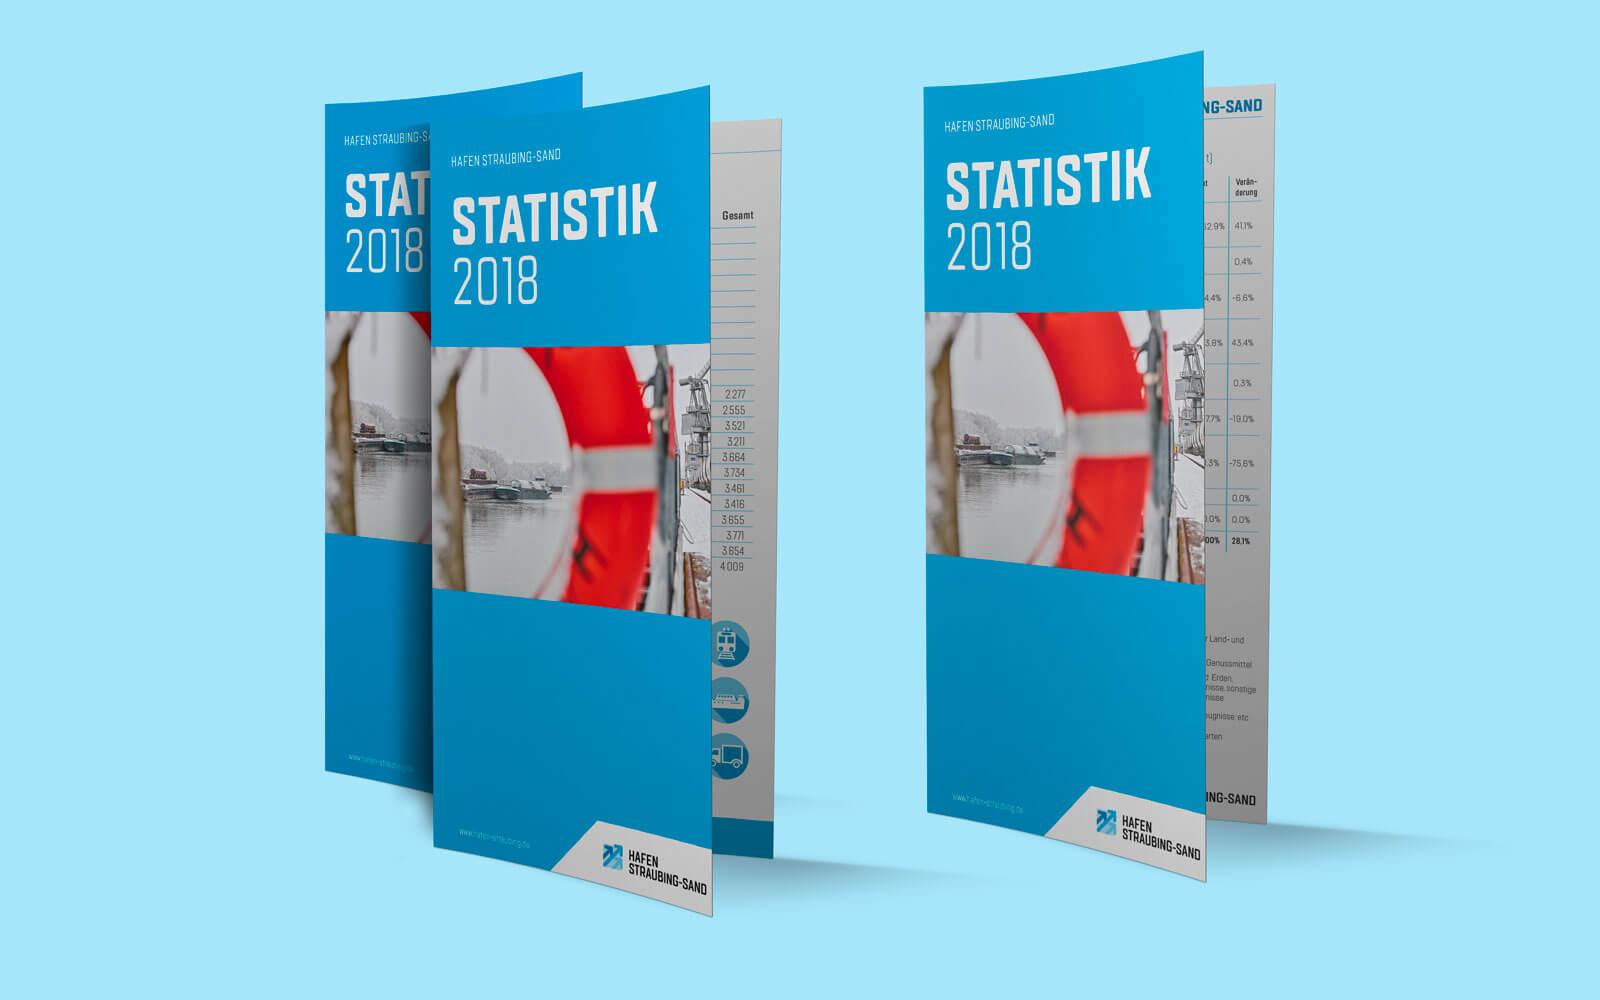 Hafen Straubing-Sand – Statistik-Flyer